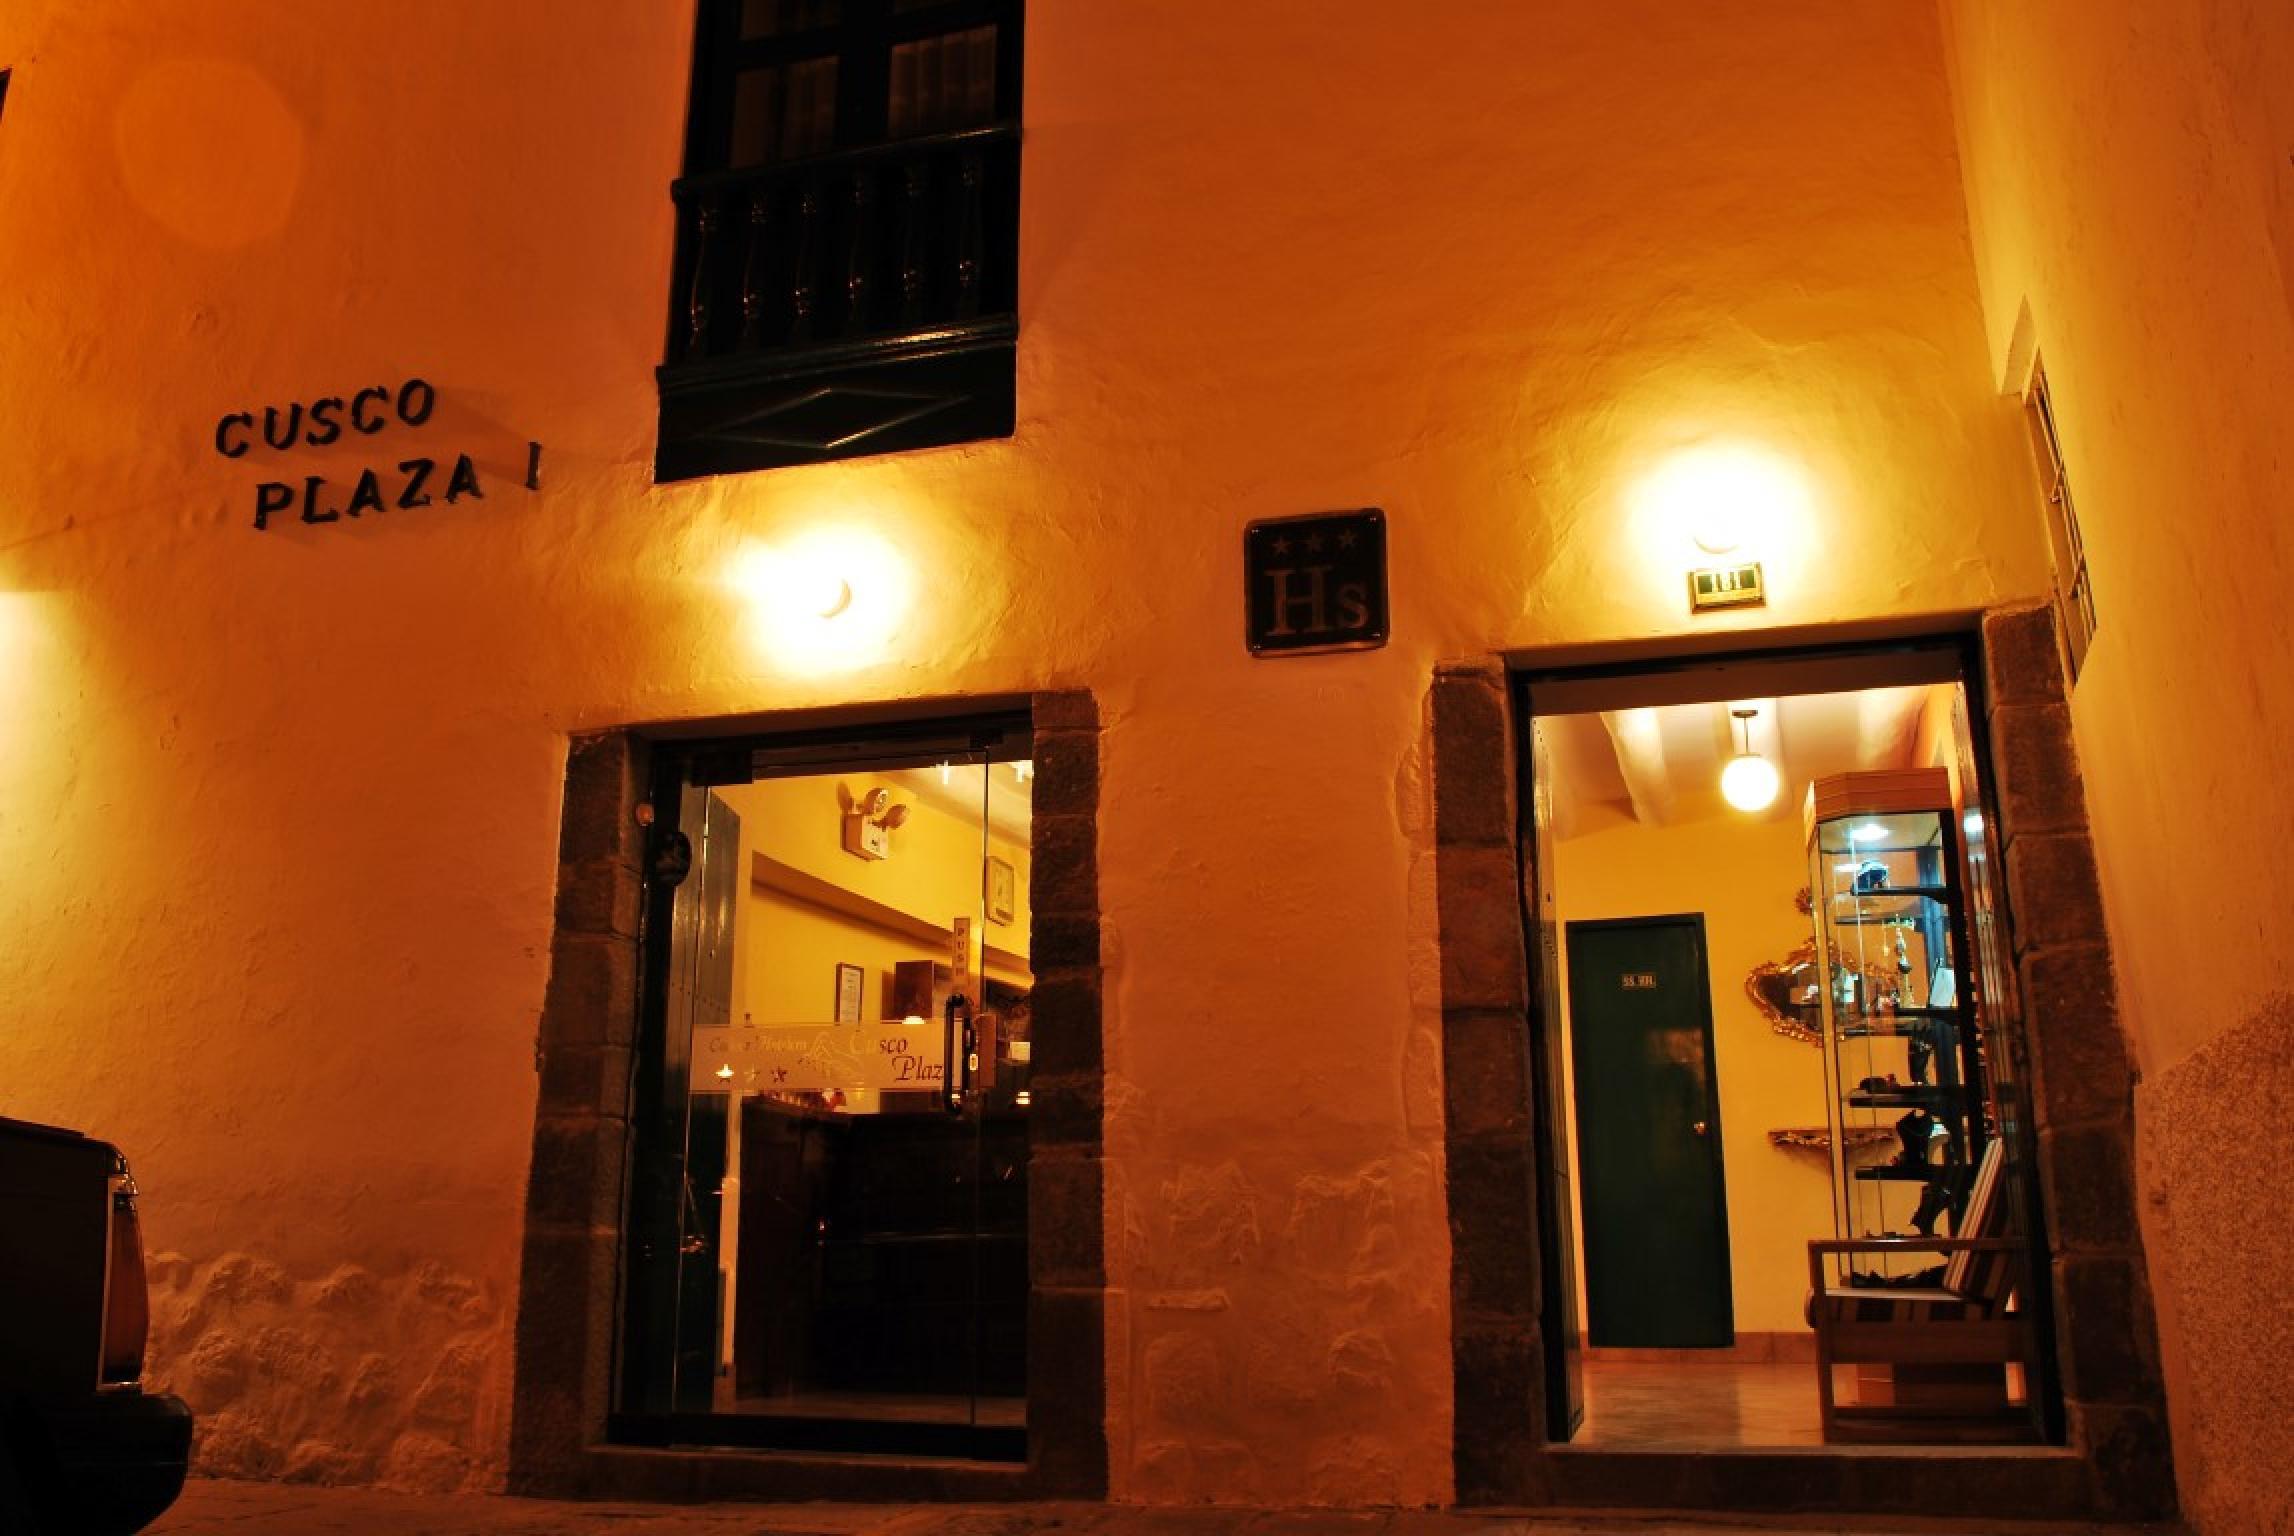 Hostal Cusco Plaza I Nazarenas